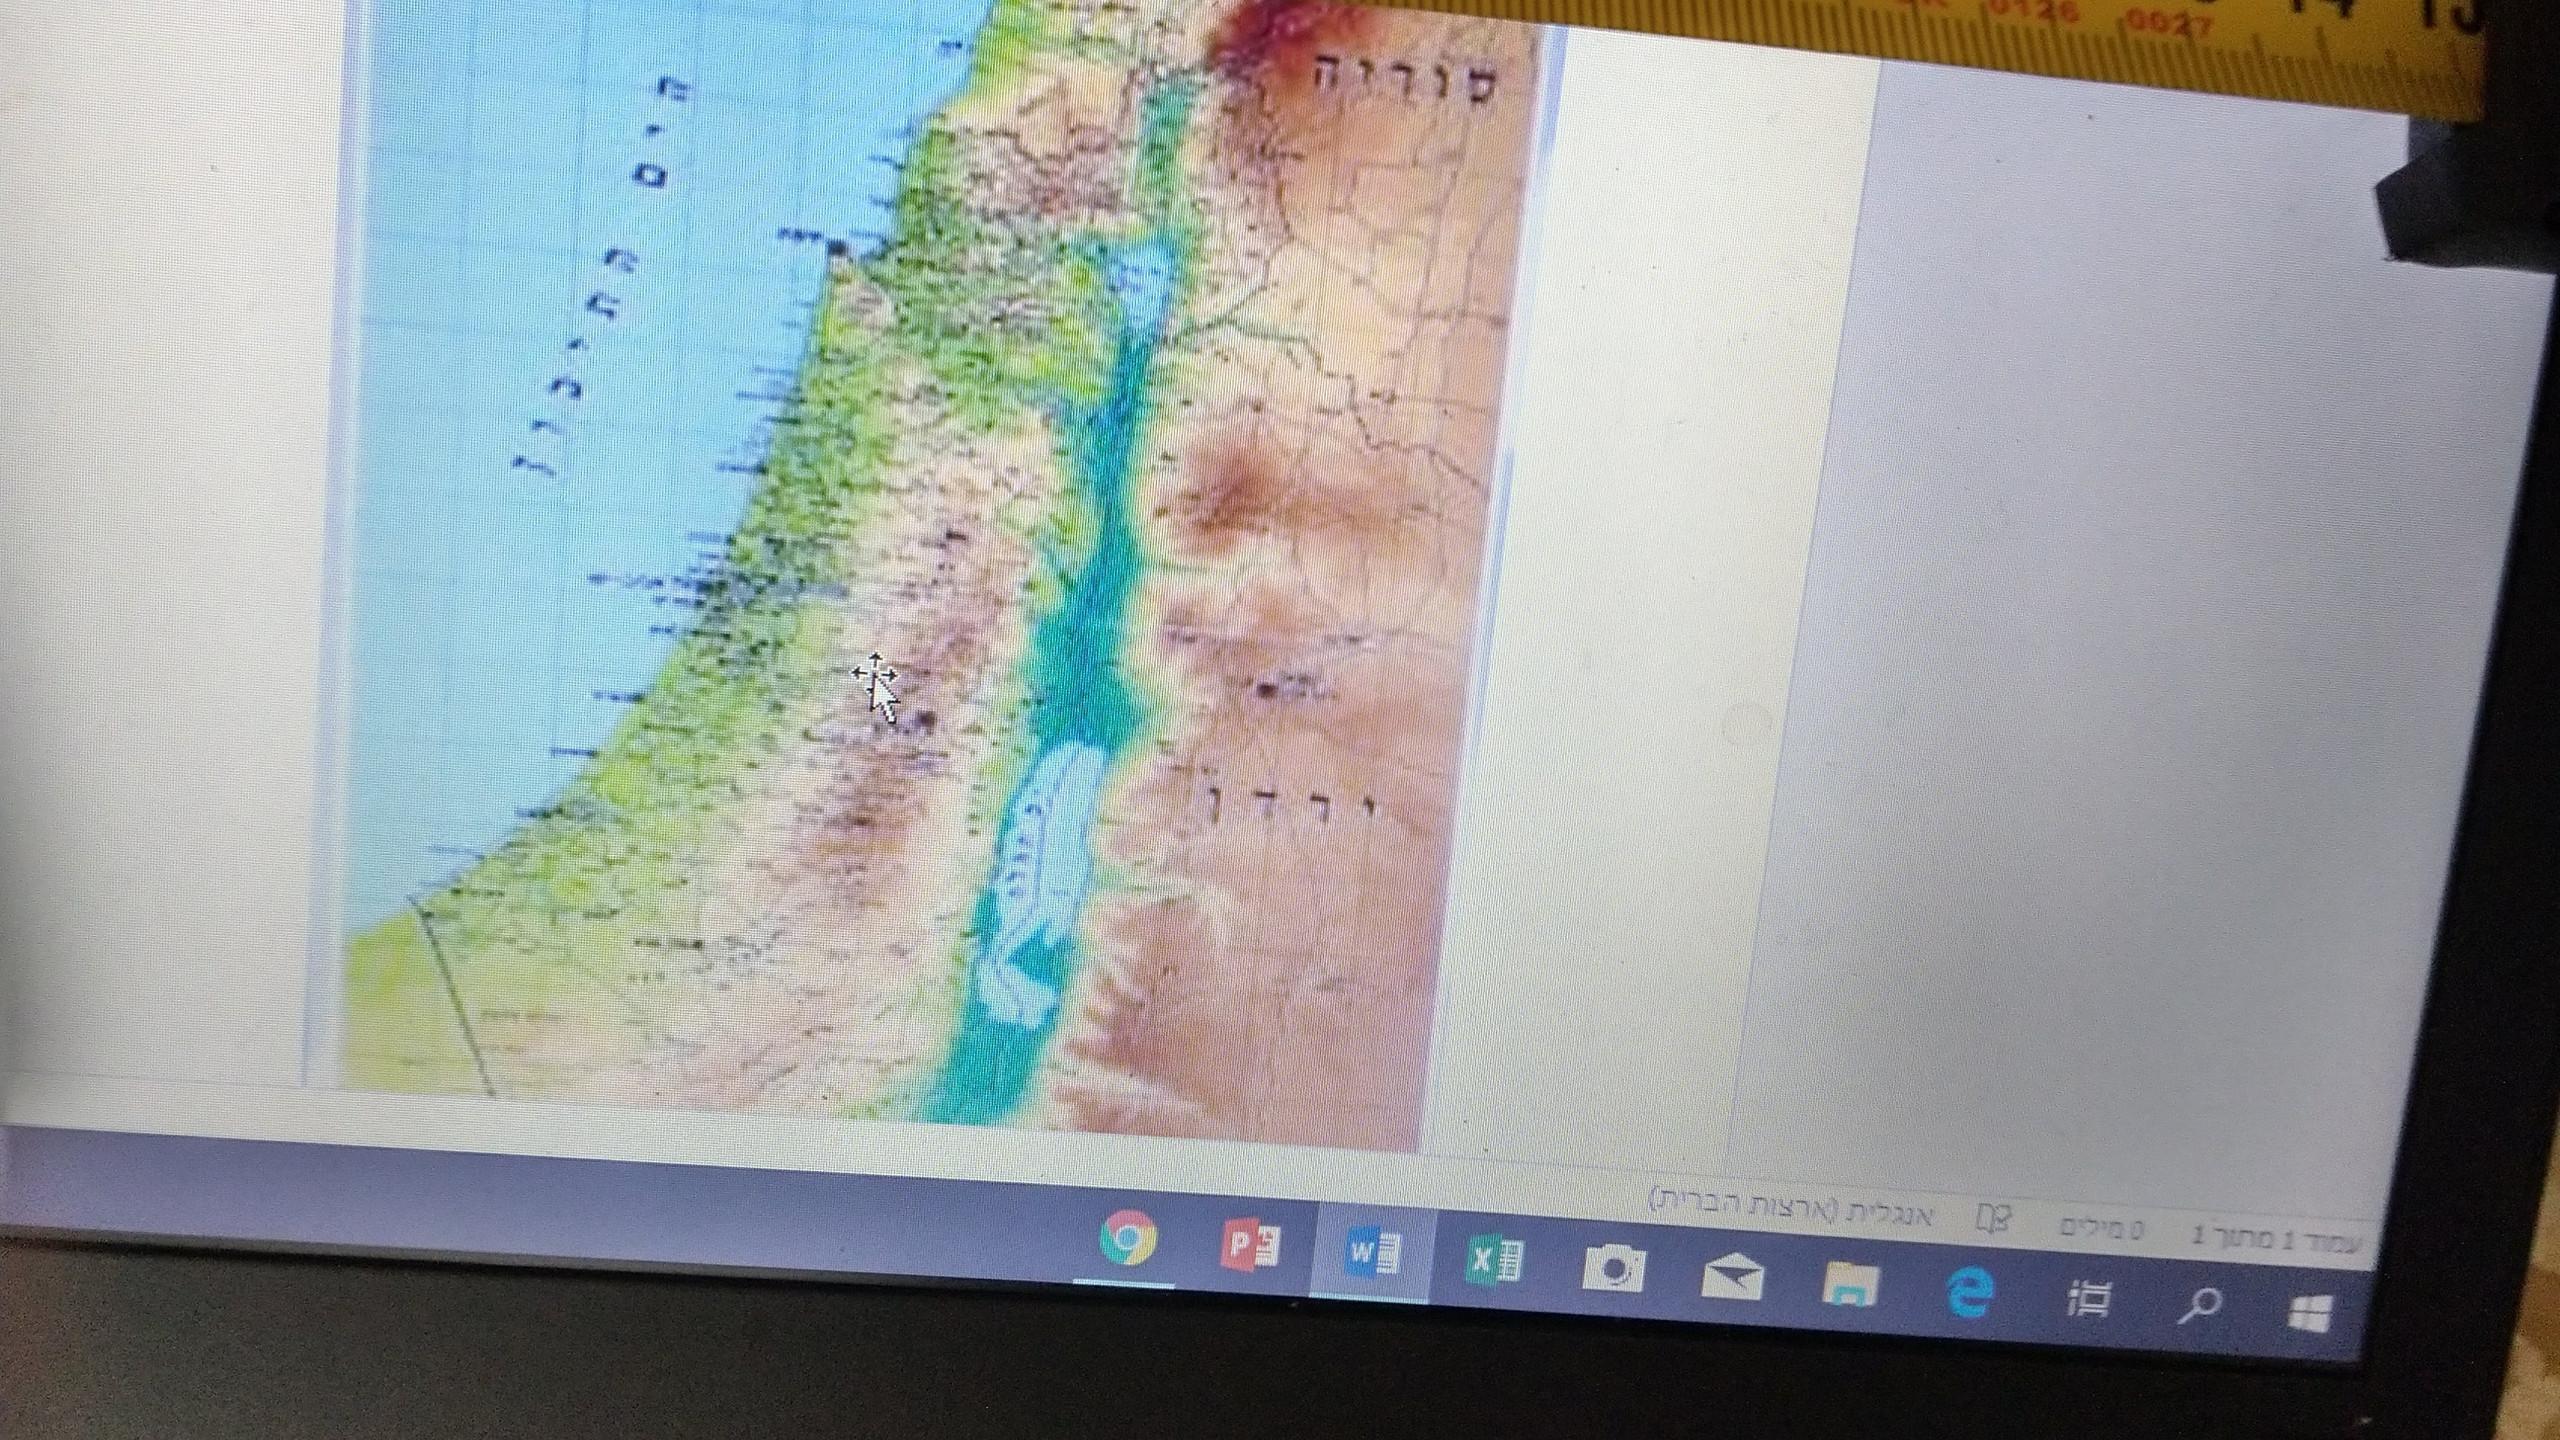 מדידת אורך ורוחב של מפת המקור